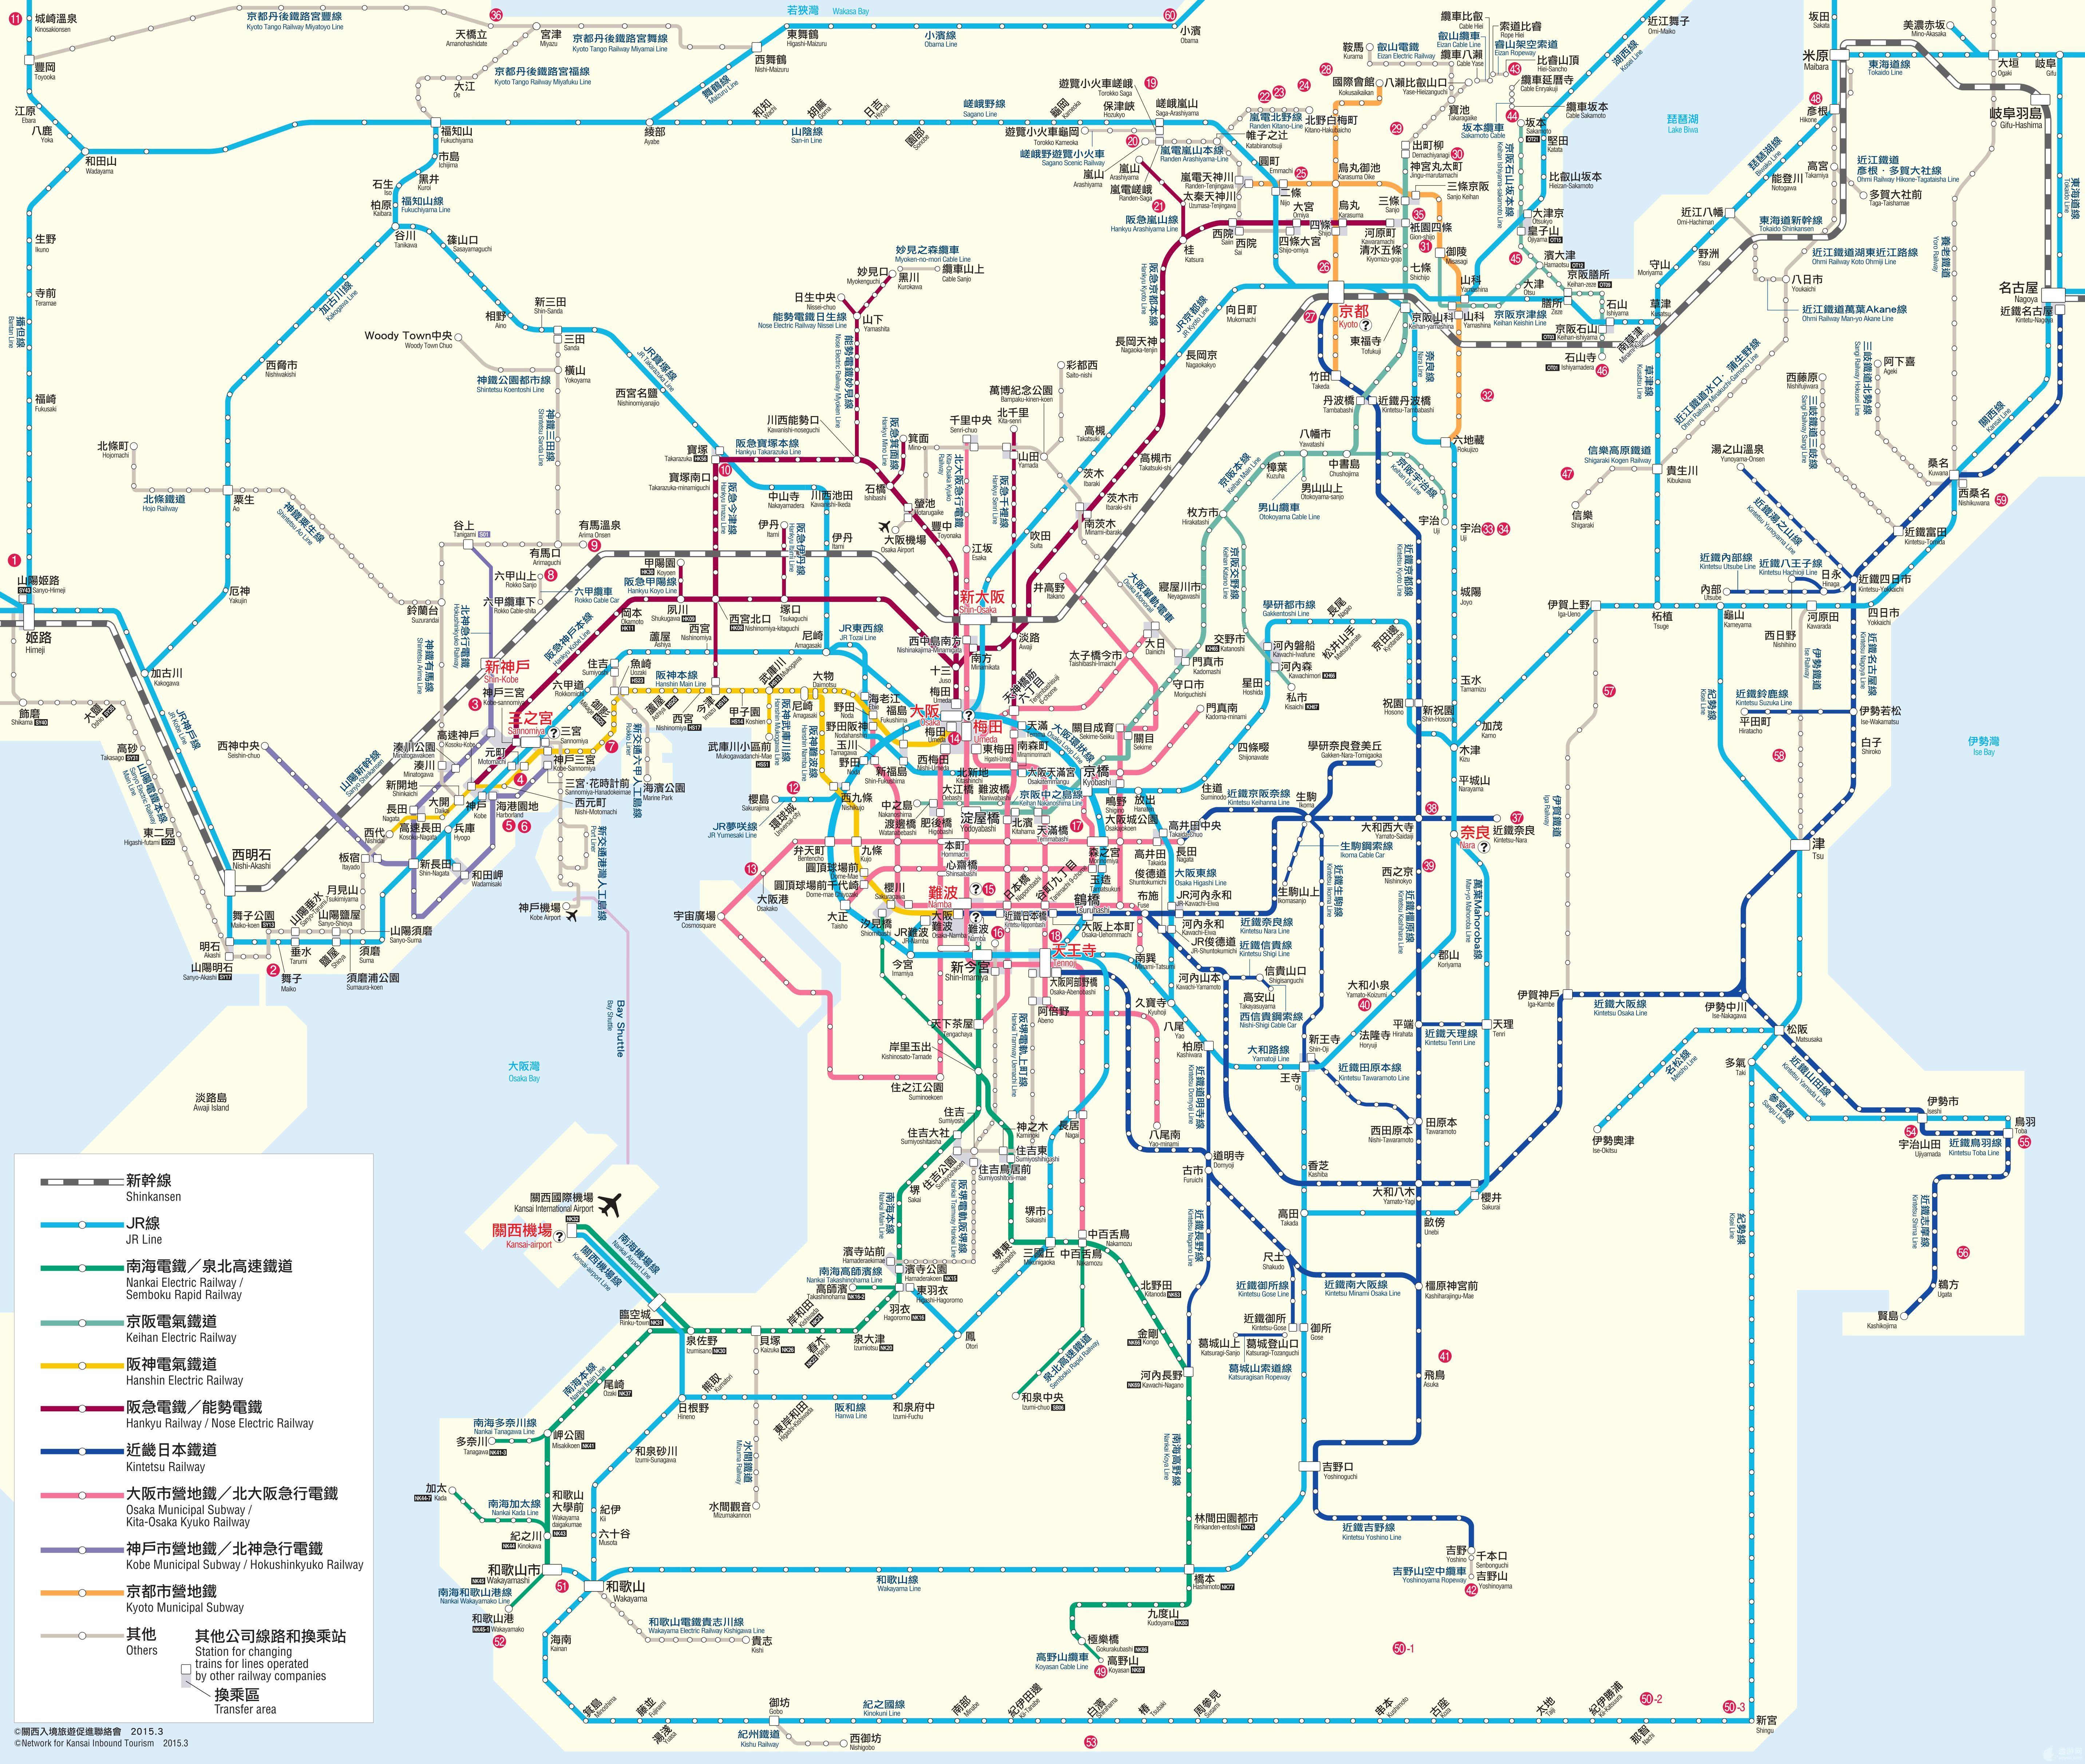 日本地铁线路图图片